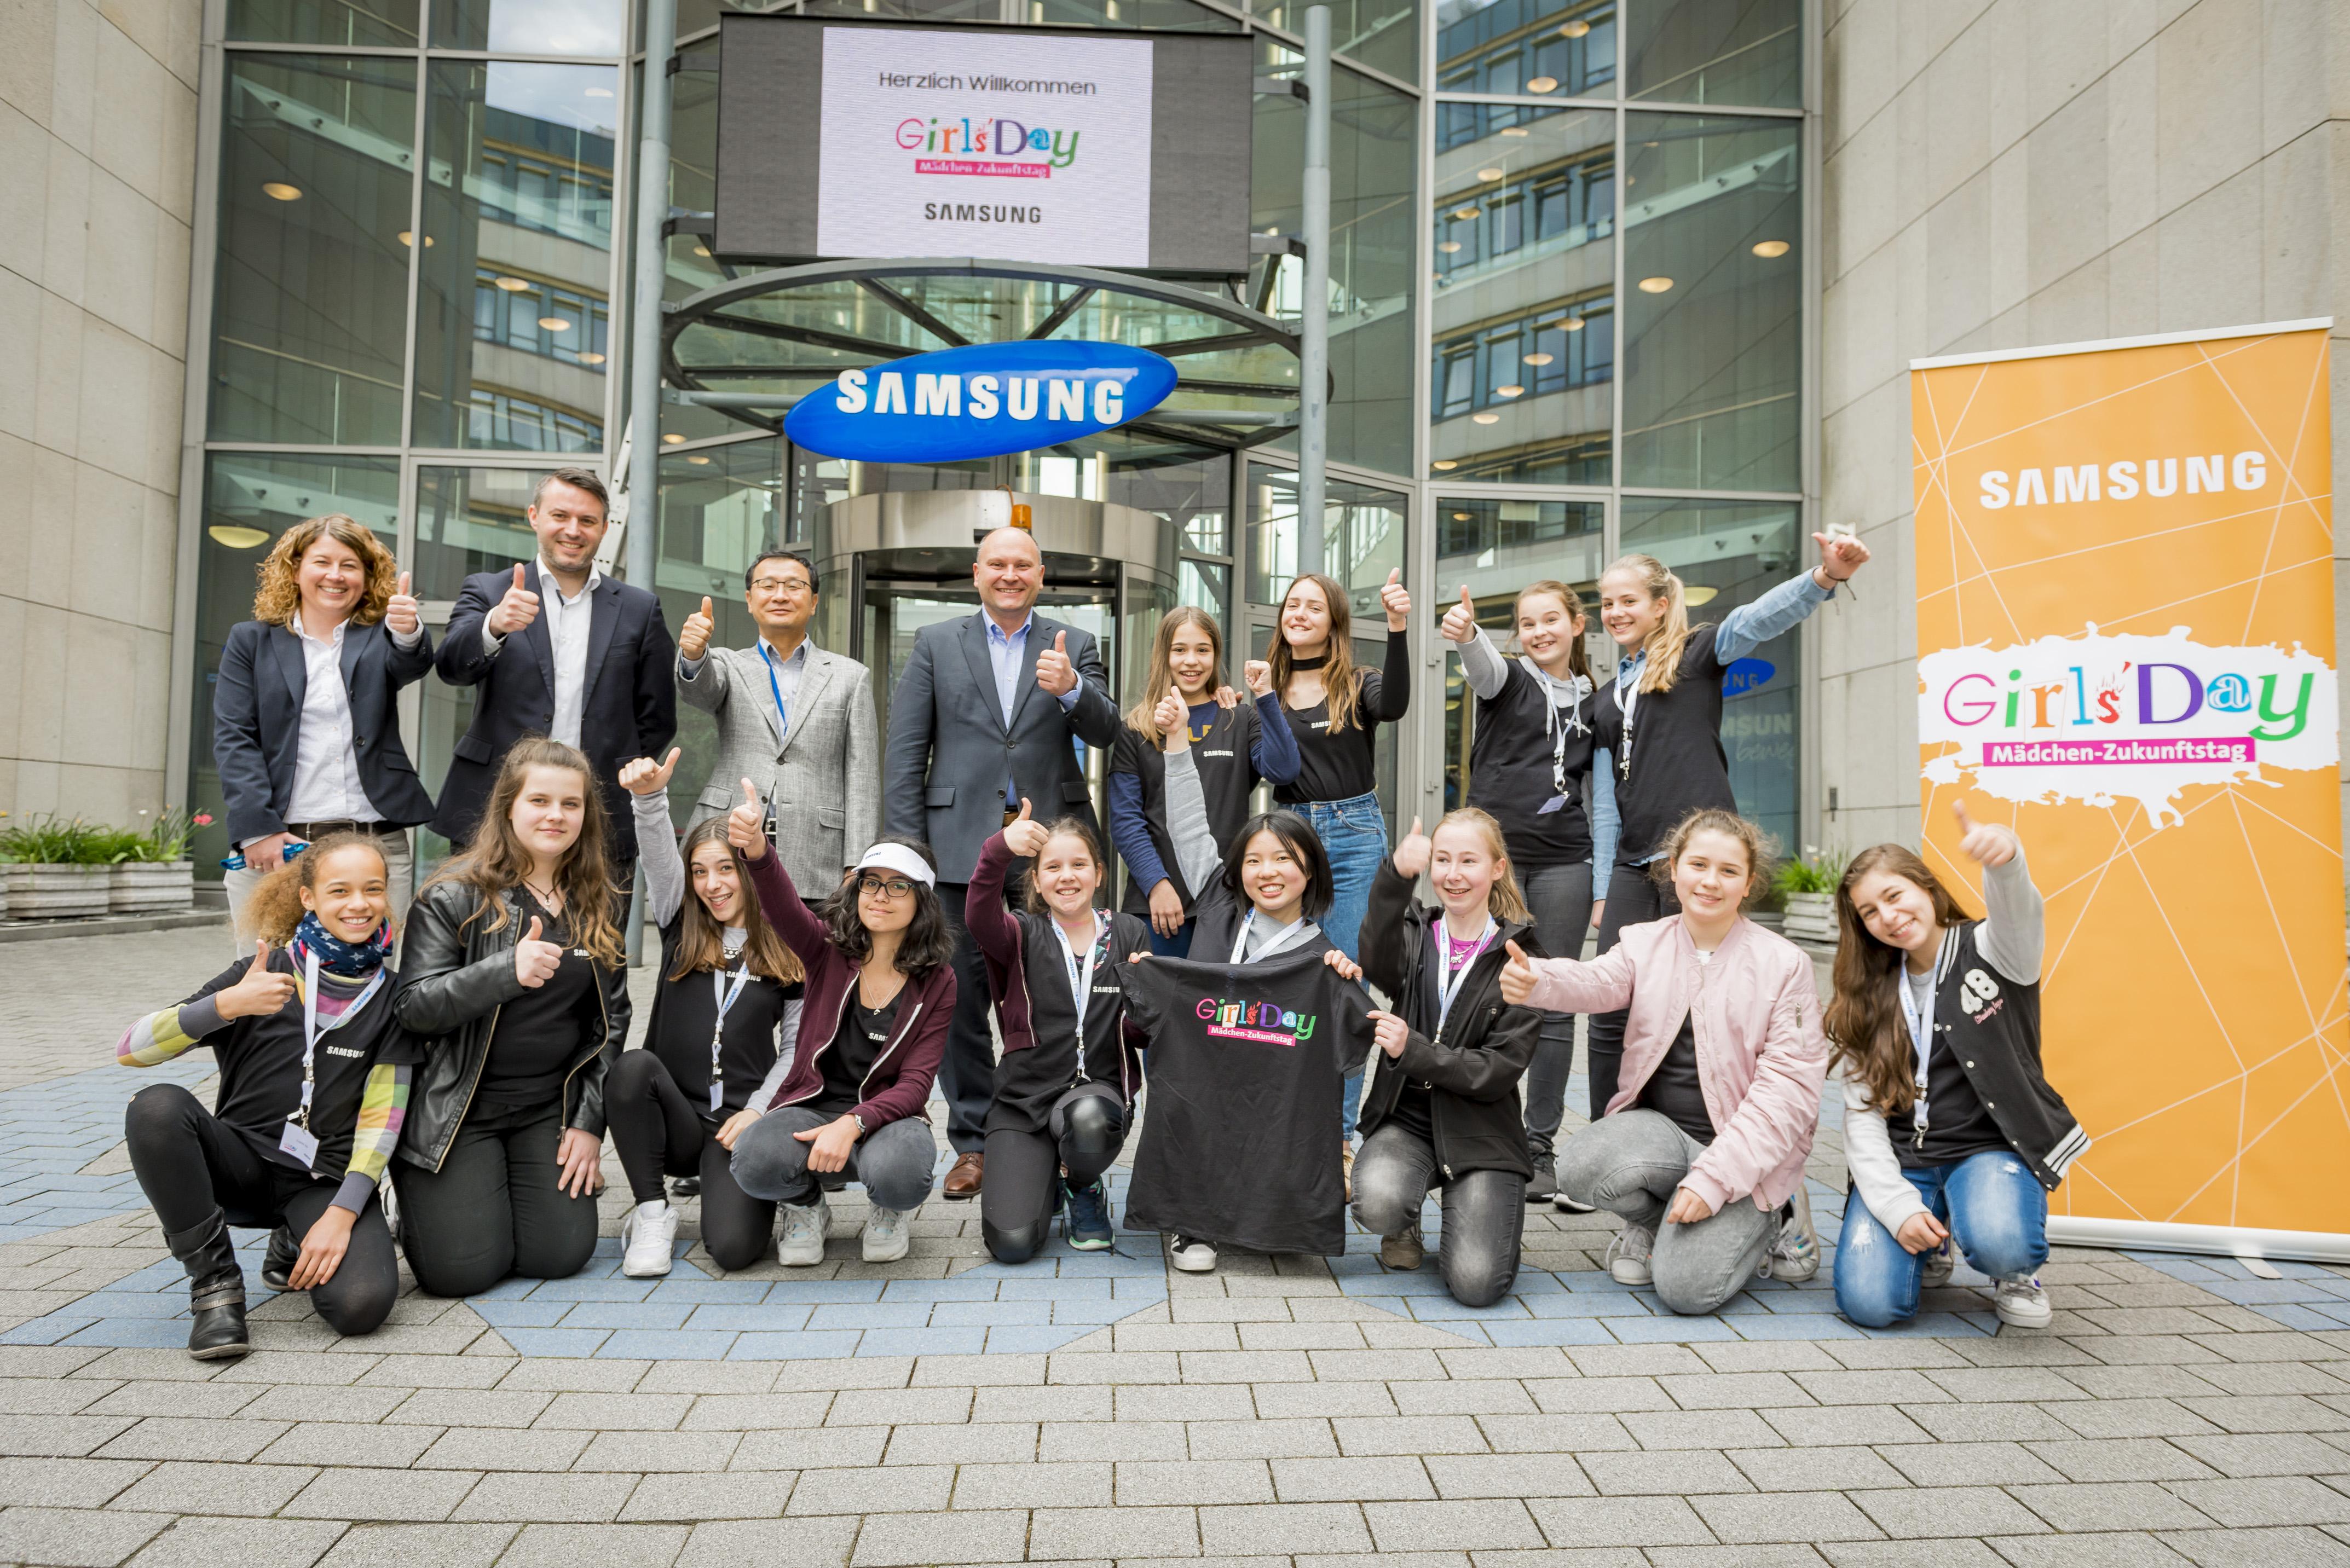 girls day 2017 samsung electronics inspiriert sch lerinnen deutschlandweit f r die spannende. Black Bedroom Furniture Sets. Home Design Ideas